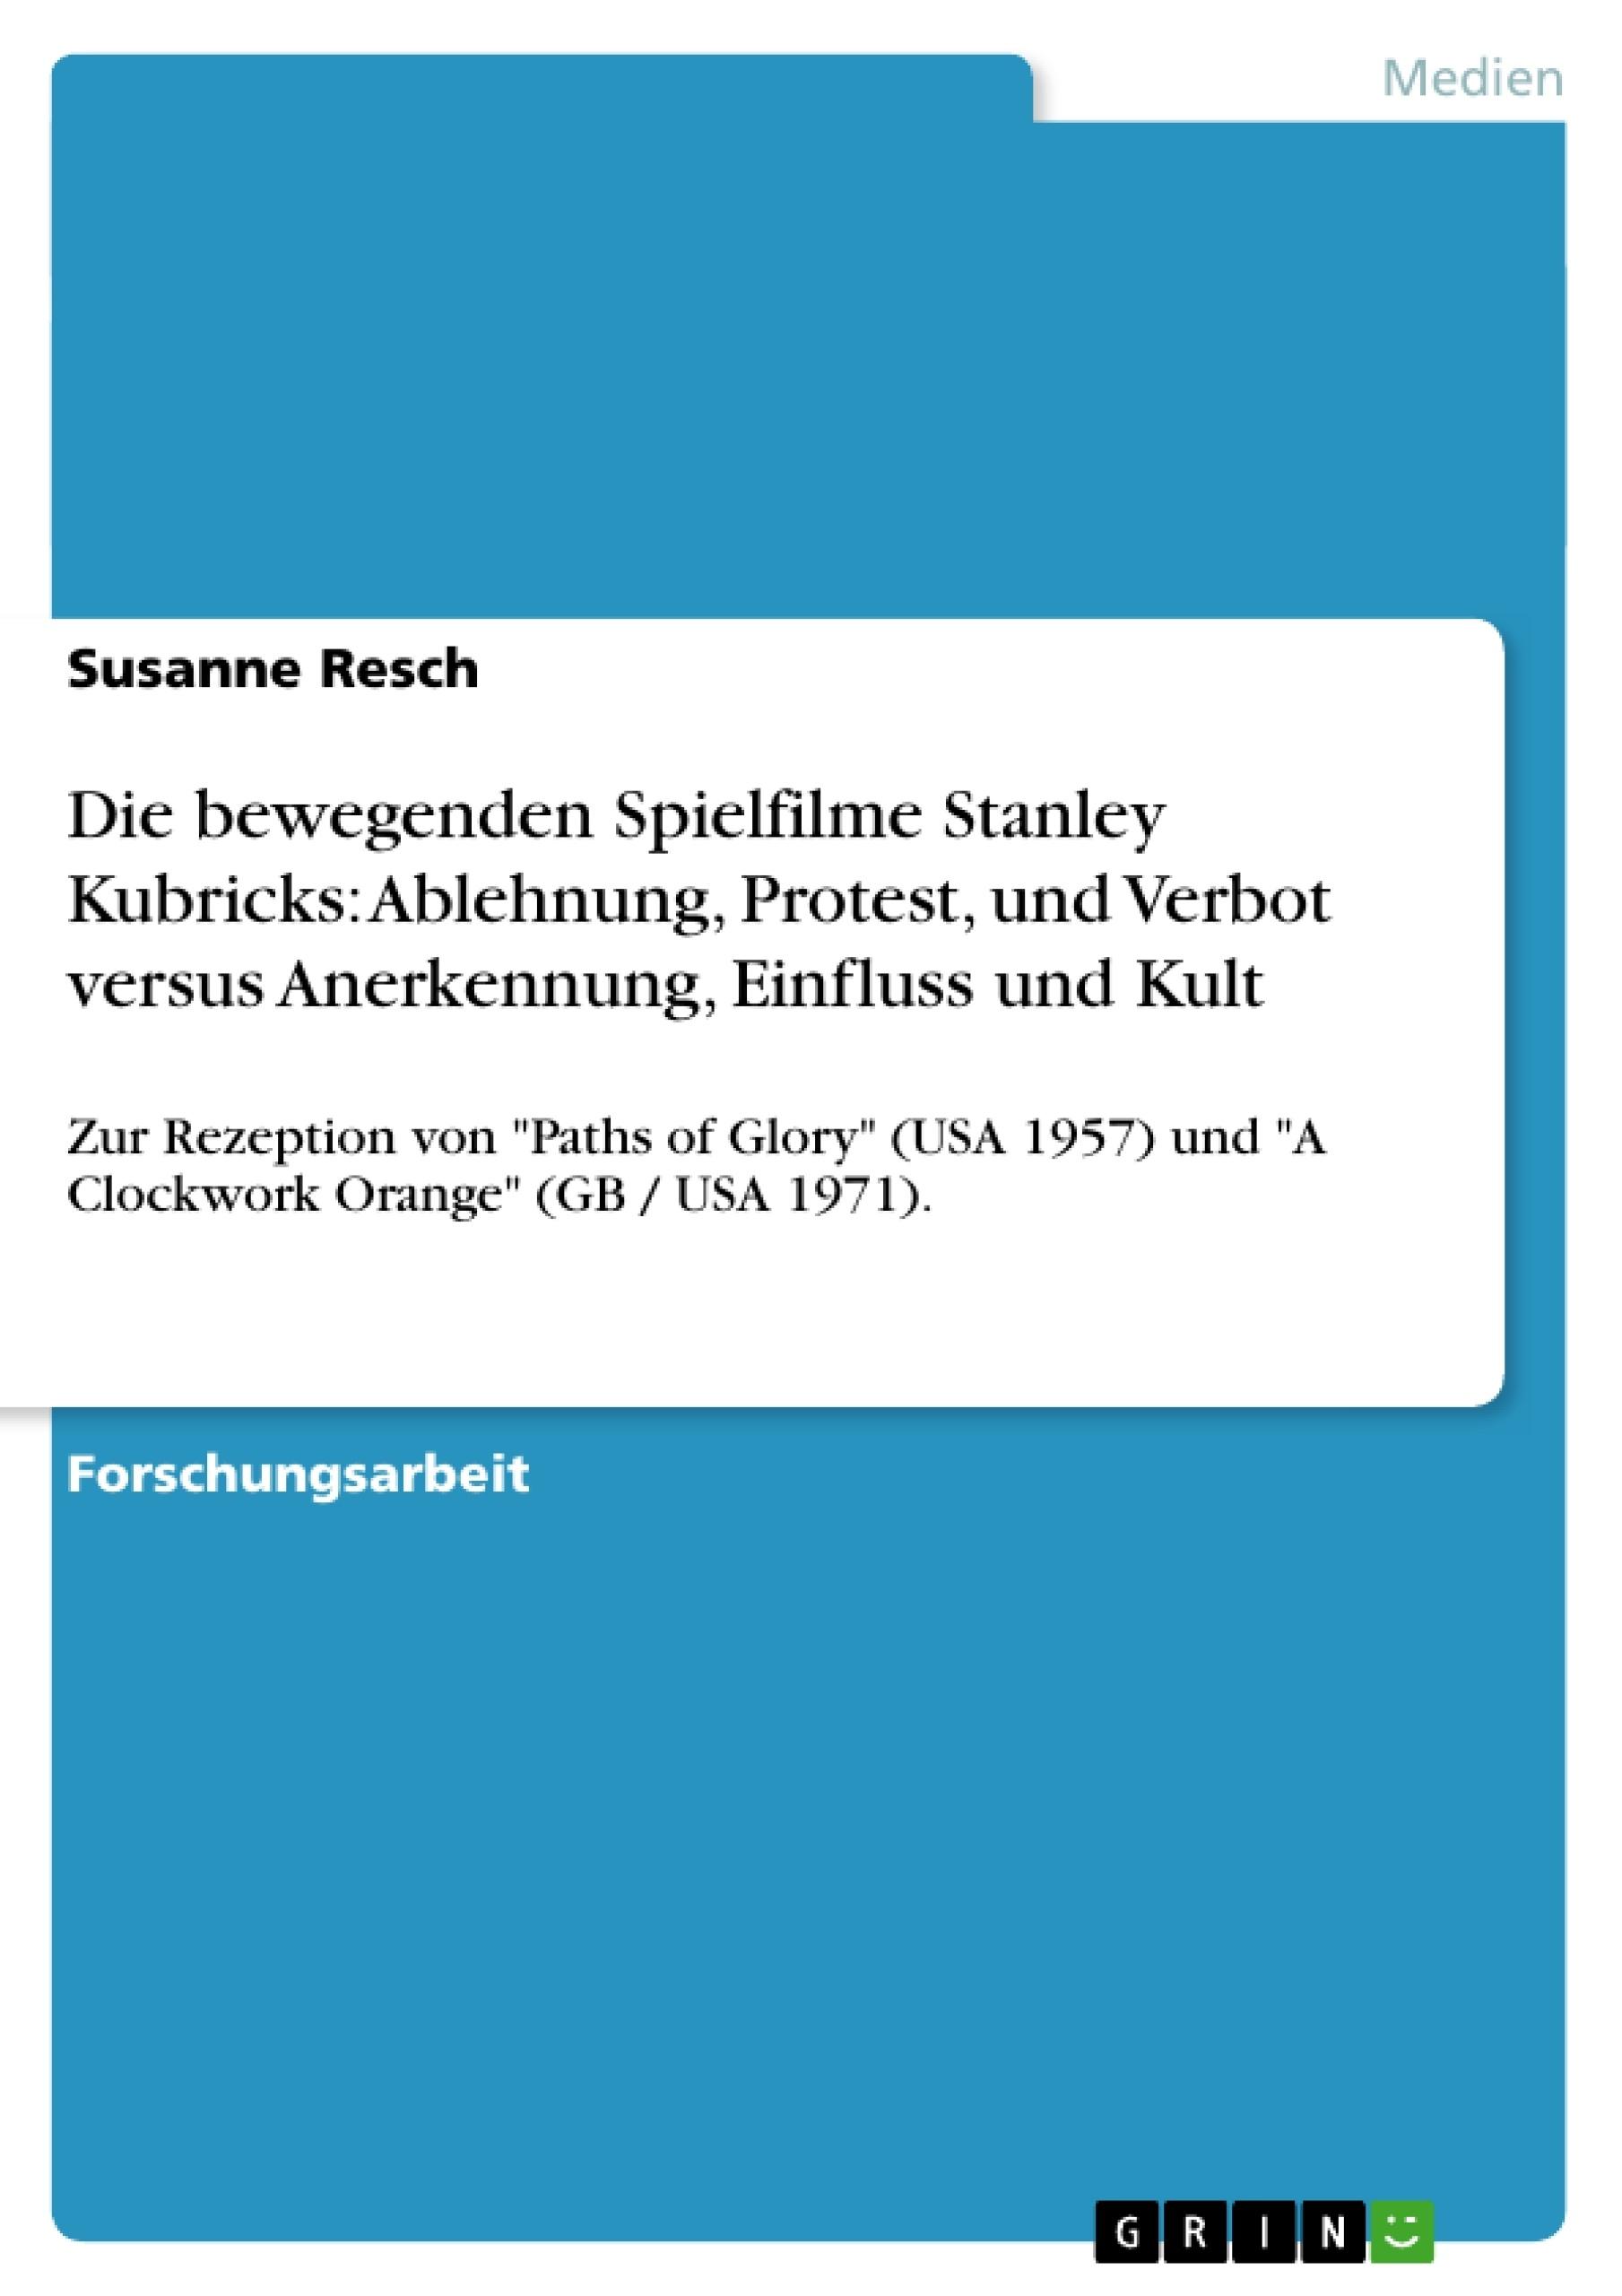 Titel: Die bewegenden Spielfilme Stanley Kubricks: Ablehnung, Protest, und Verbot versus Anerkennung, Einfluss und Kult